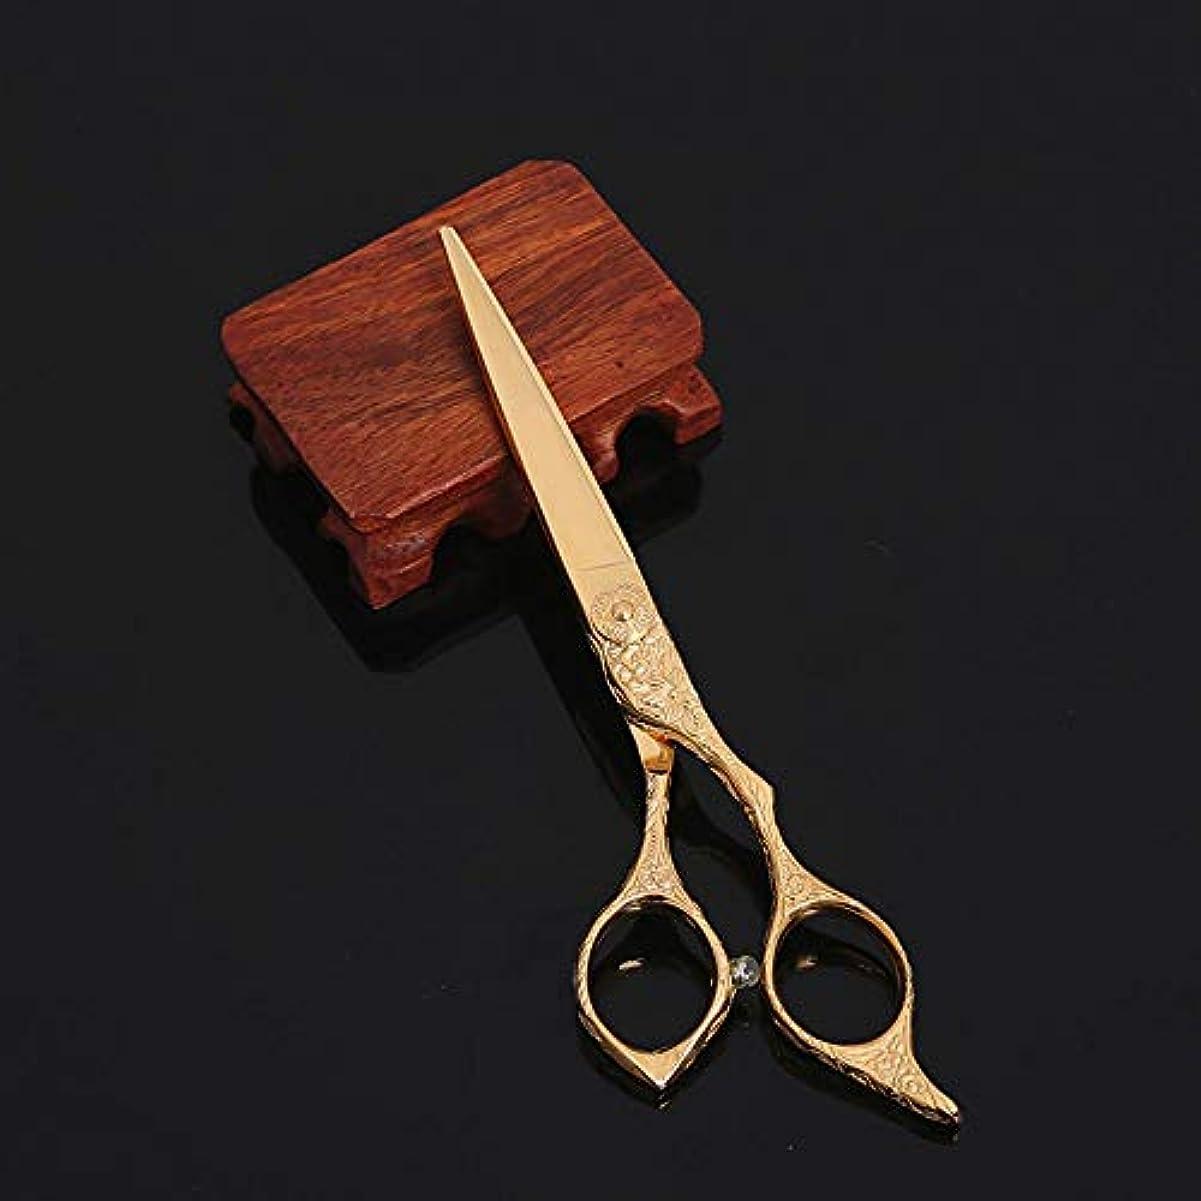 かもしれない中世のジョージハンブリーHairdressing 6インチゴールド塗装ハイエンド理髪はさみ、プロの美容院はさみヘアカットはさみステンレス理髪はさみ (色 : ゴールド)